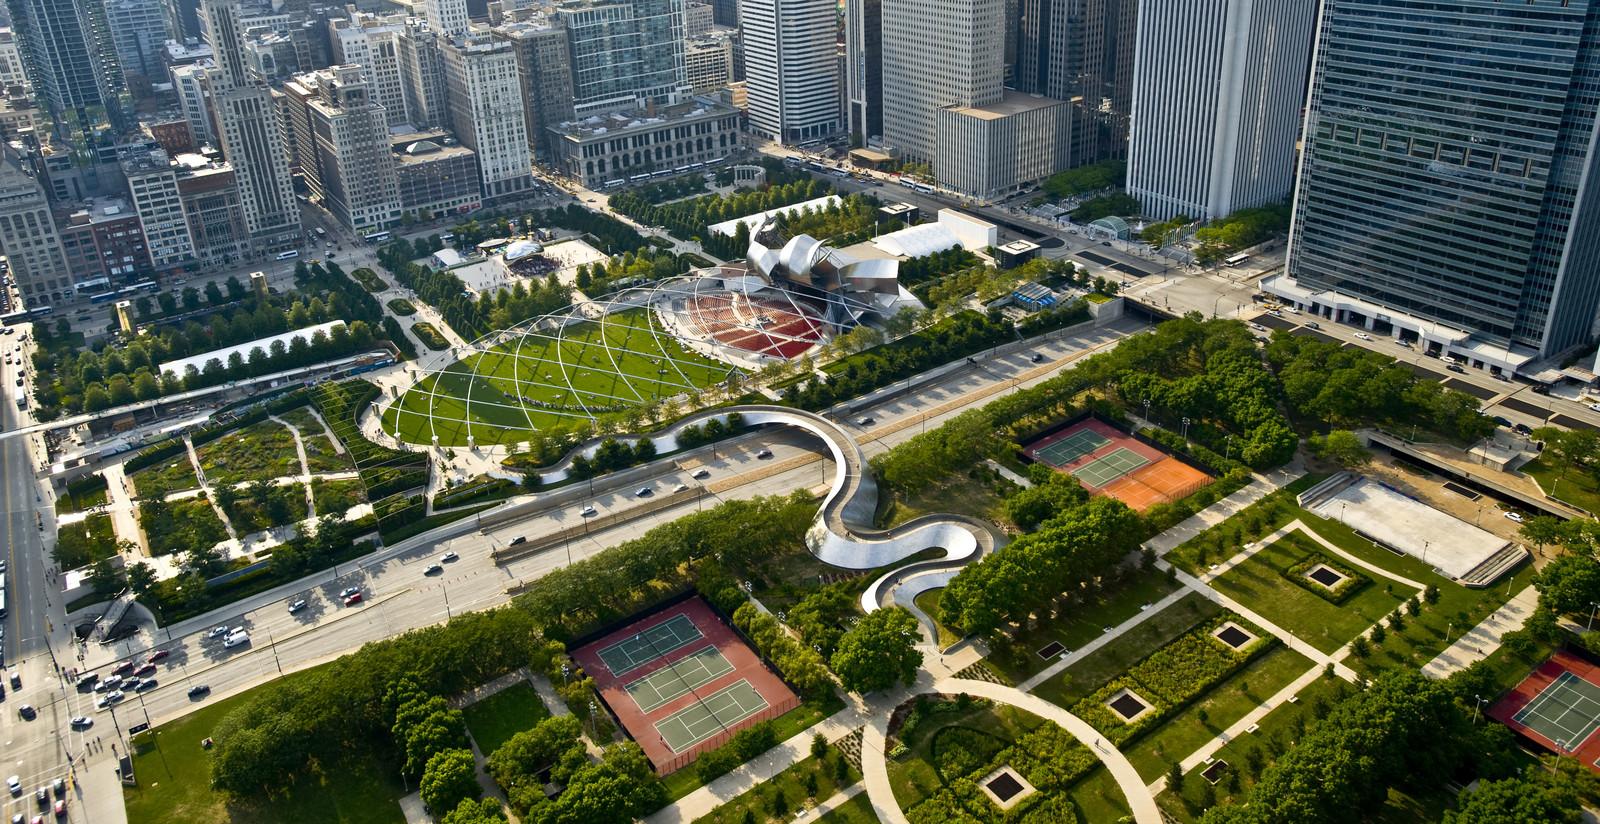 音乐公园景观设计平面图